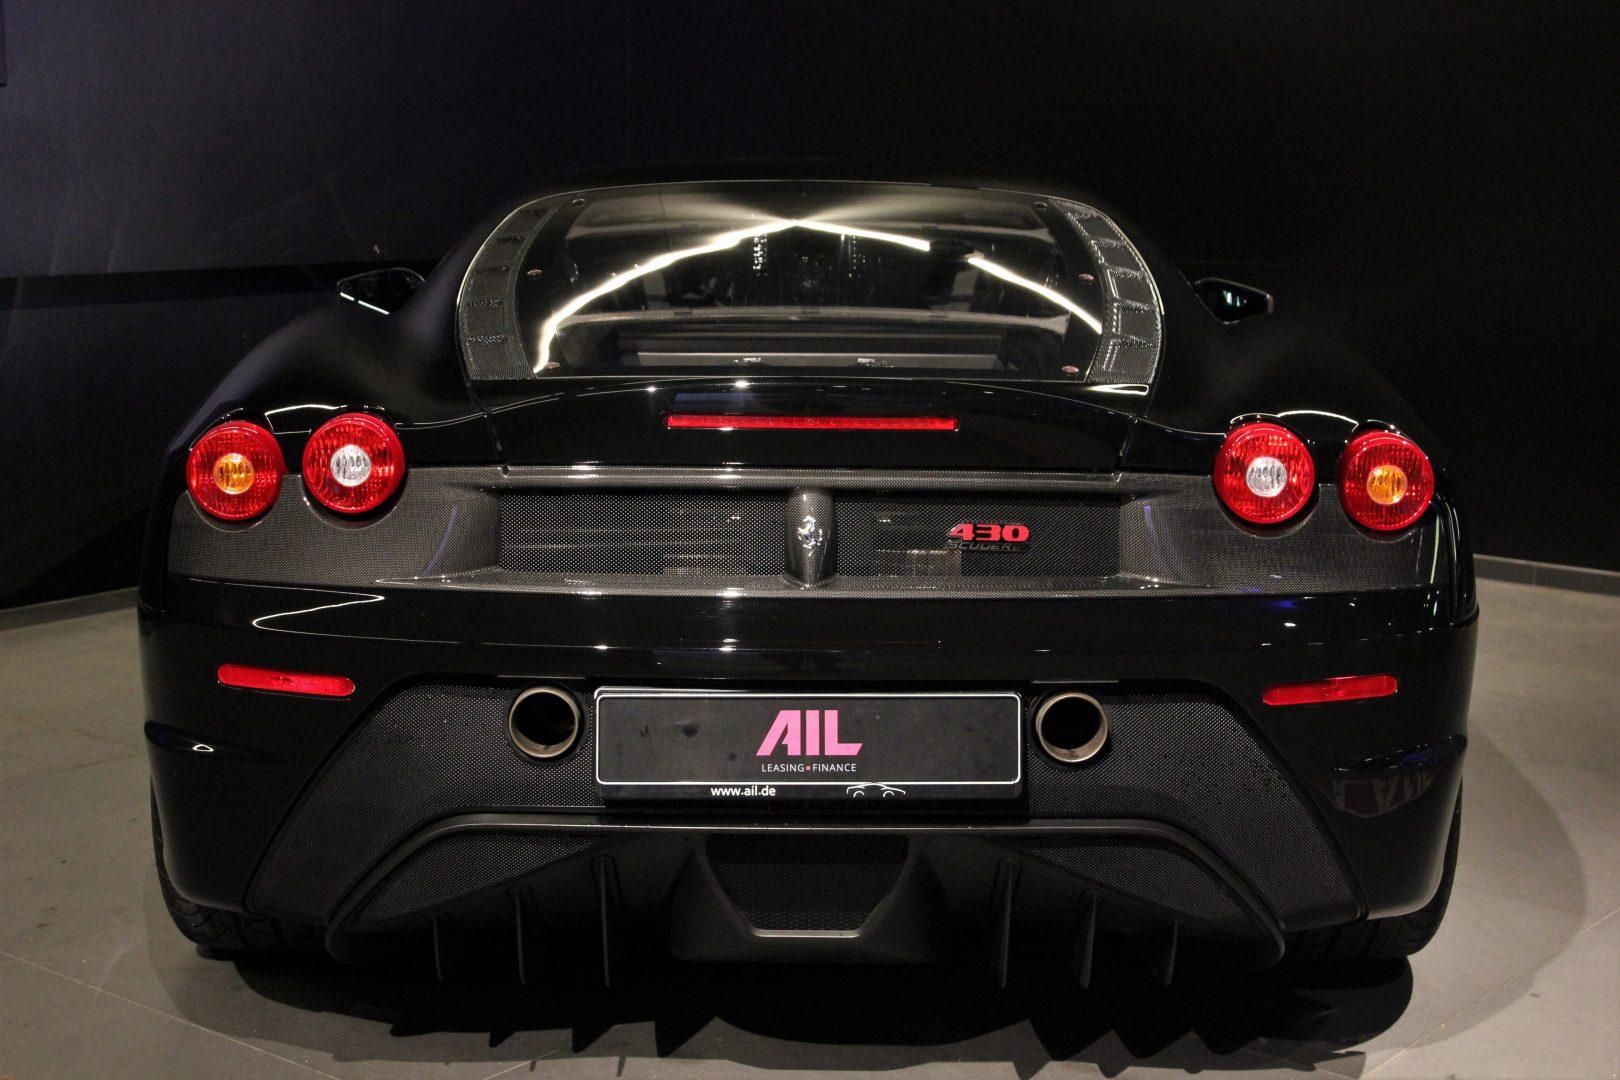 AIL Ferrari F430 Scuderia F1 Garantie 10